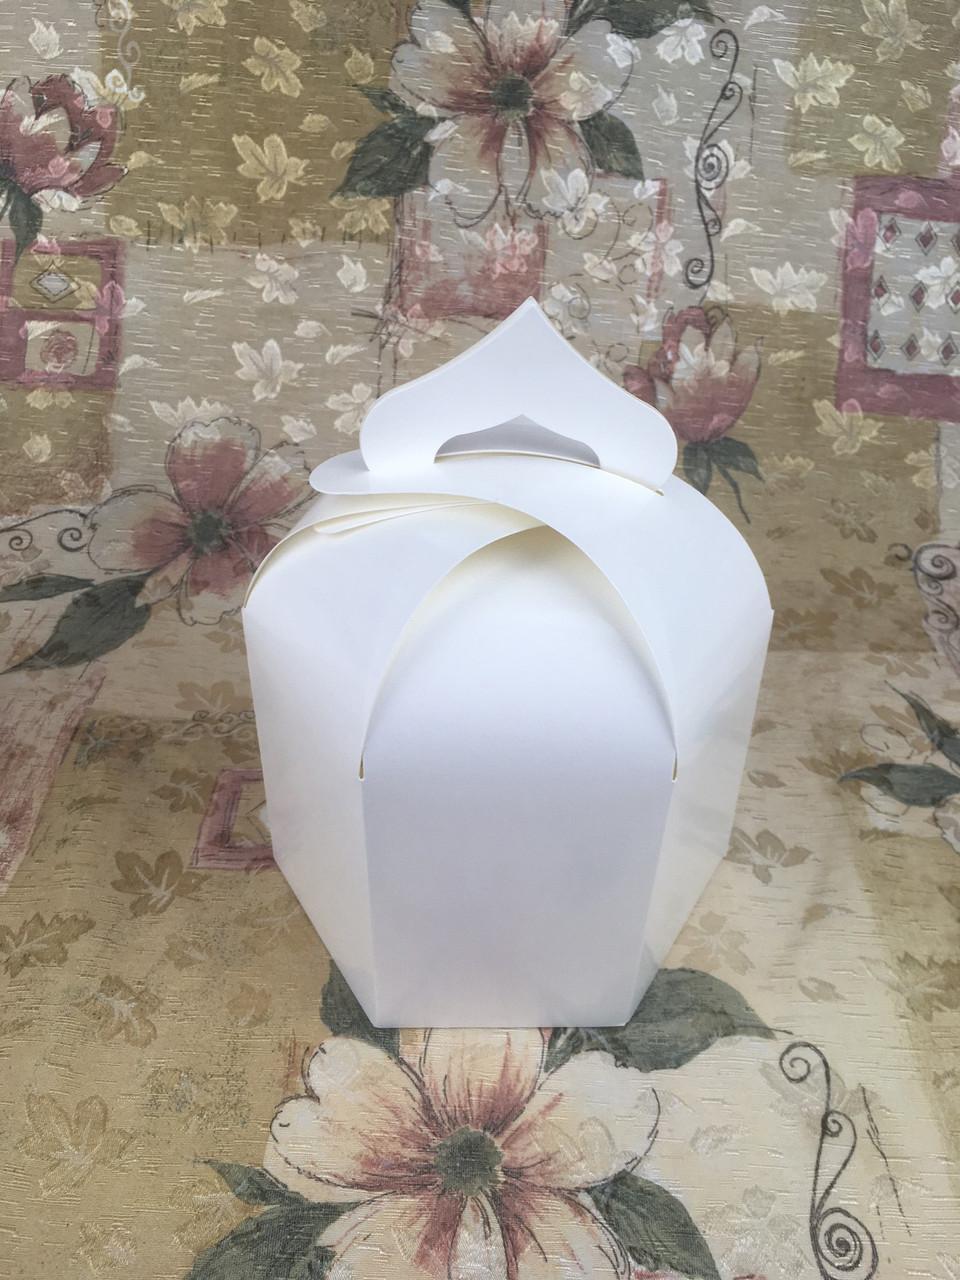 Упаковка для пасхи / 165х165х200 мм / Коробка для кулича / Больш / Молочн / Пасха